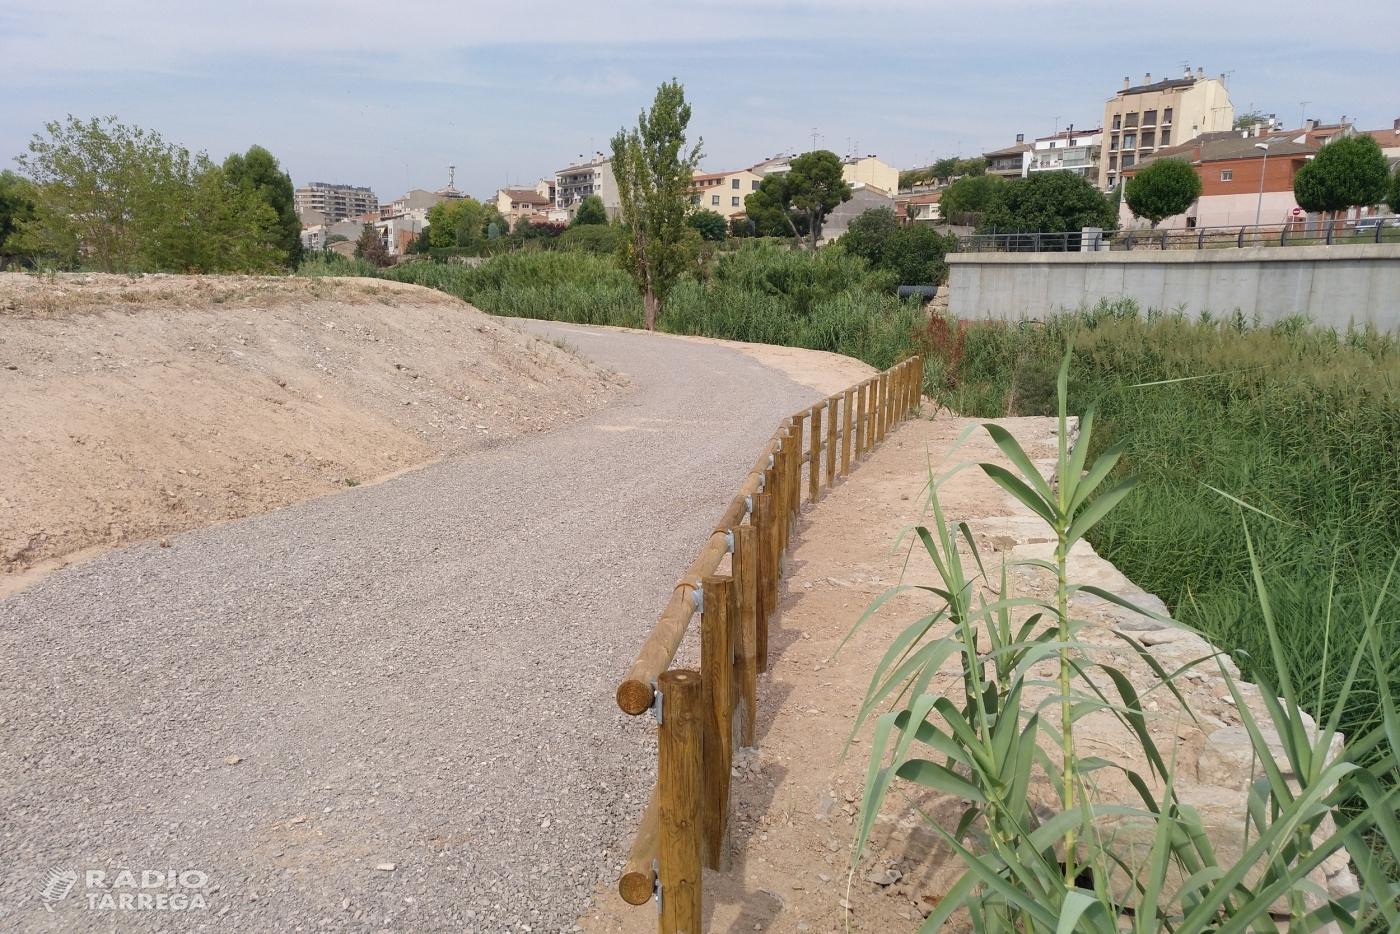 L'Ajuntament de Tàrrega ultima els treballs per habilitar un nou espai de passeig vora la riba del riu Ondara